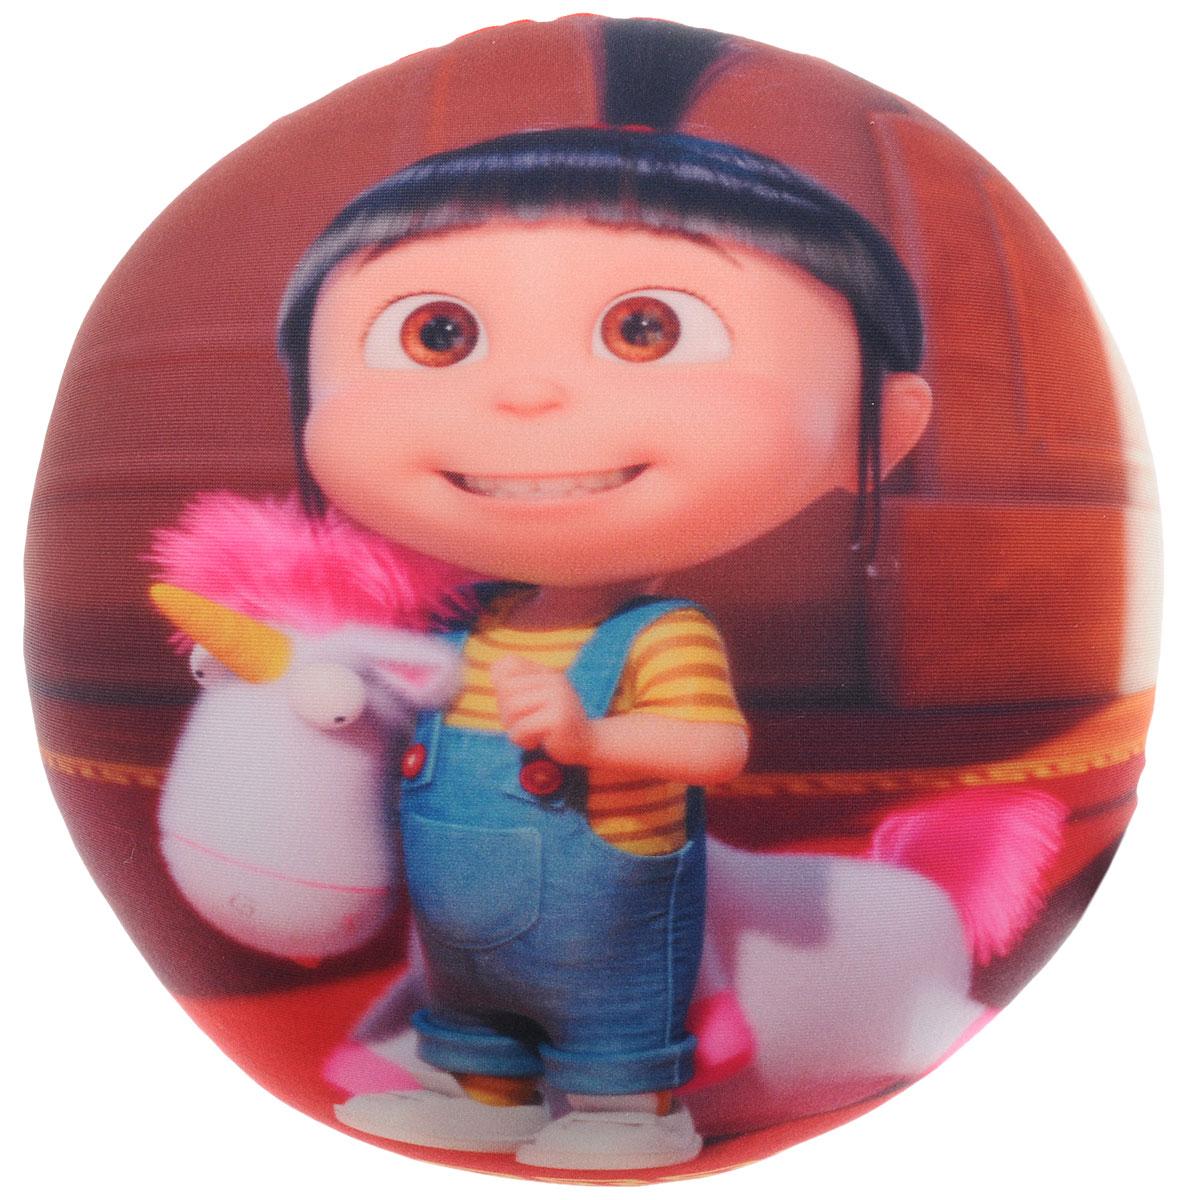 СмолТойс Мягкая игрушка-антистресс Гадкий Я 22 см